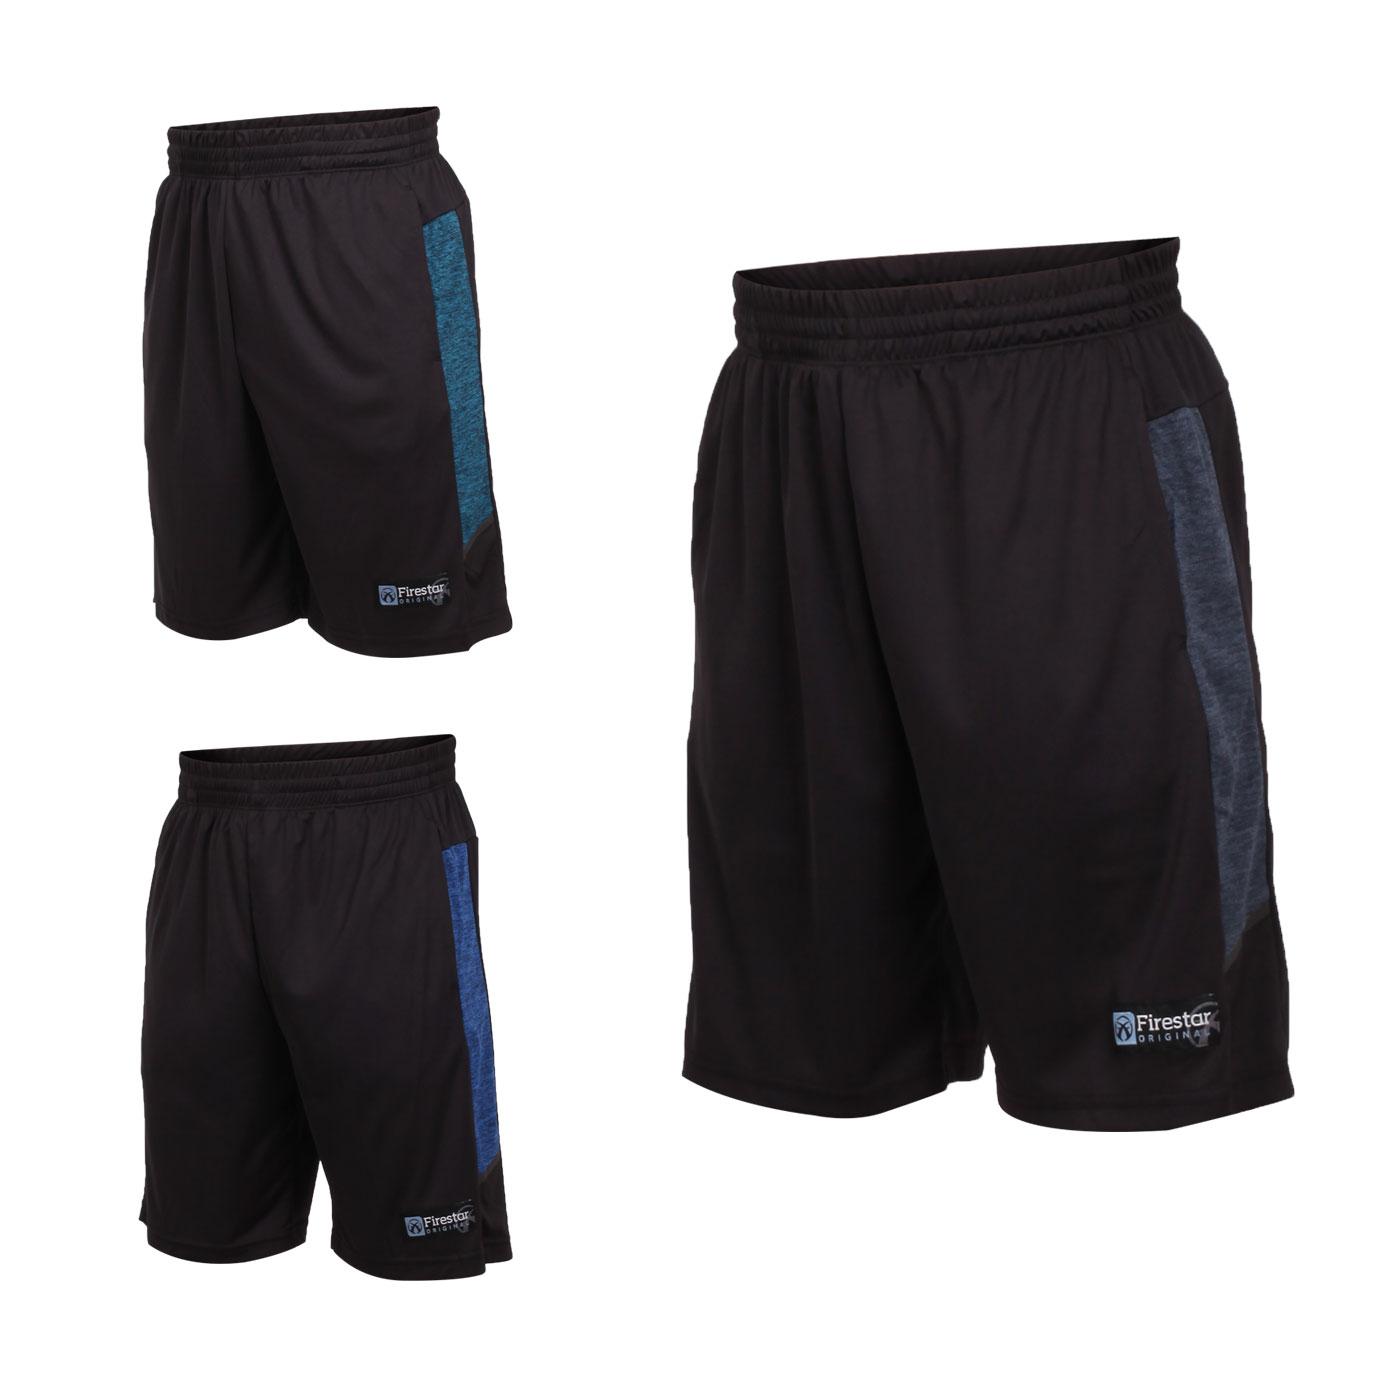 FIRESTAR 男款吸濕排汗籃球短褲 B9202-18